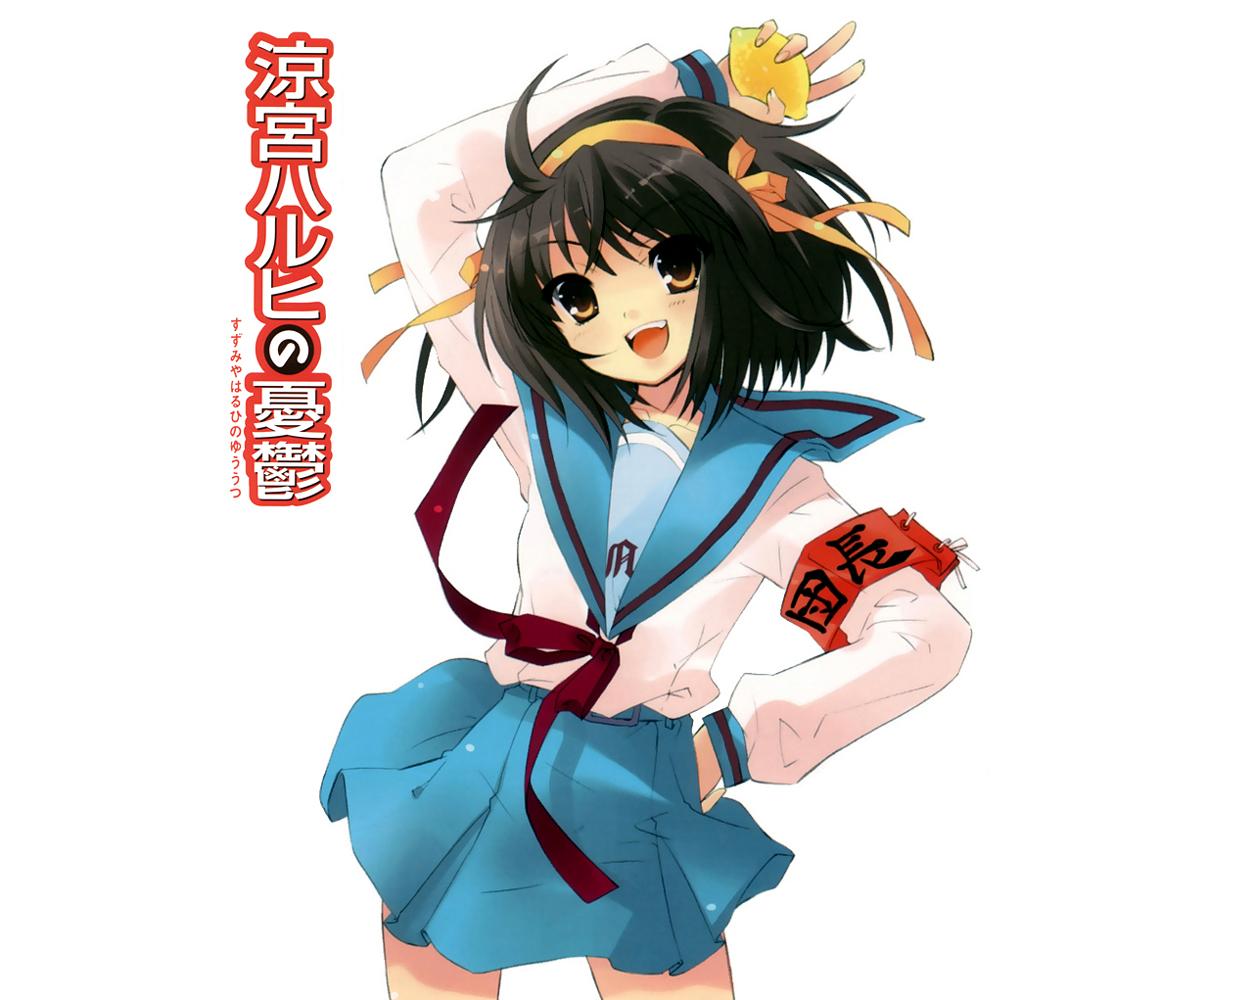 itou_noiji suzumiya_haruhi suzumiya_haruhi_no_yuutsu white